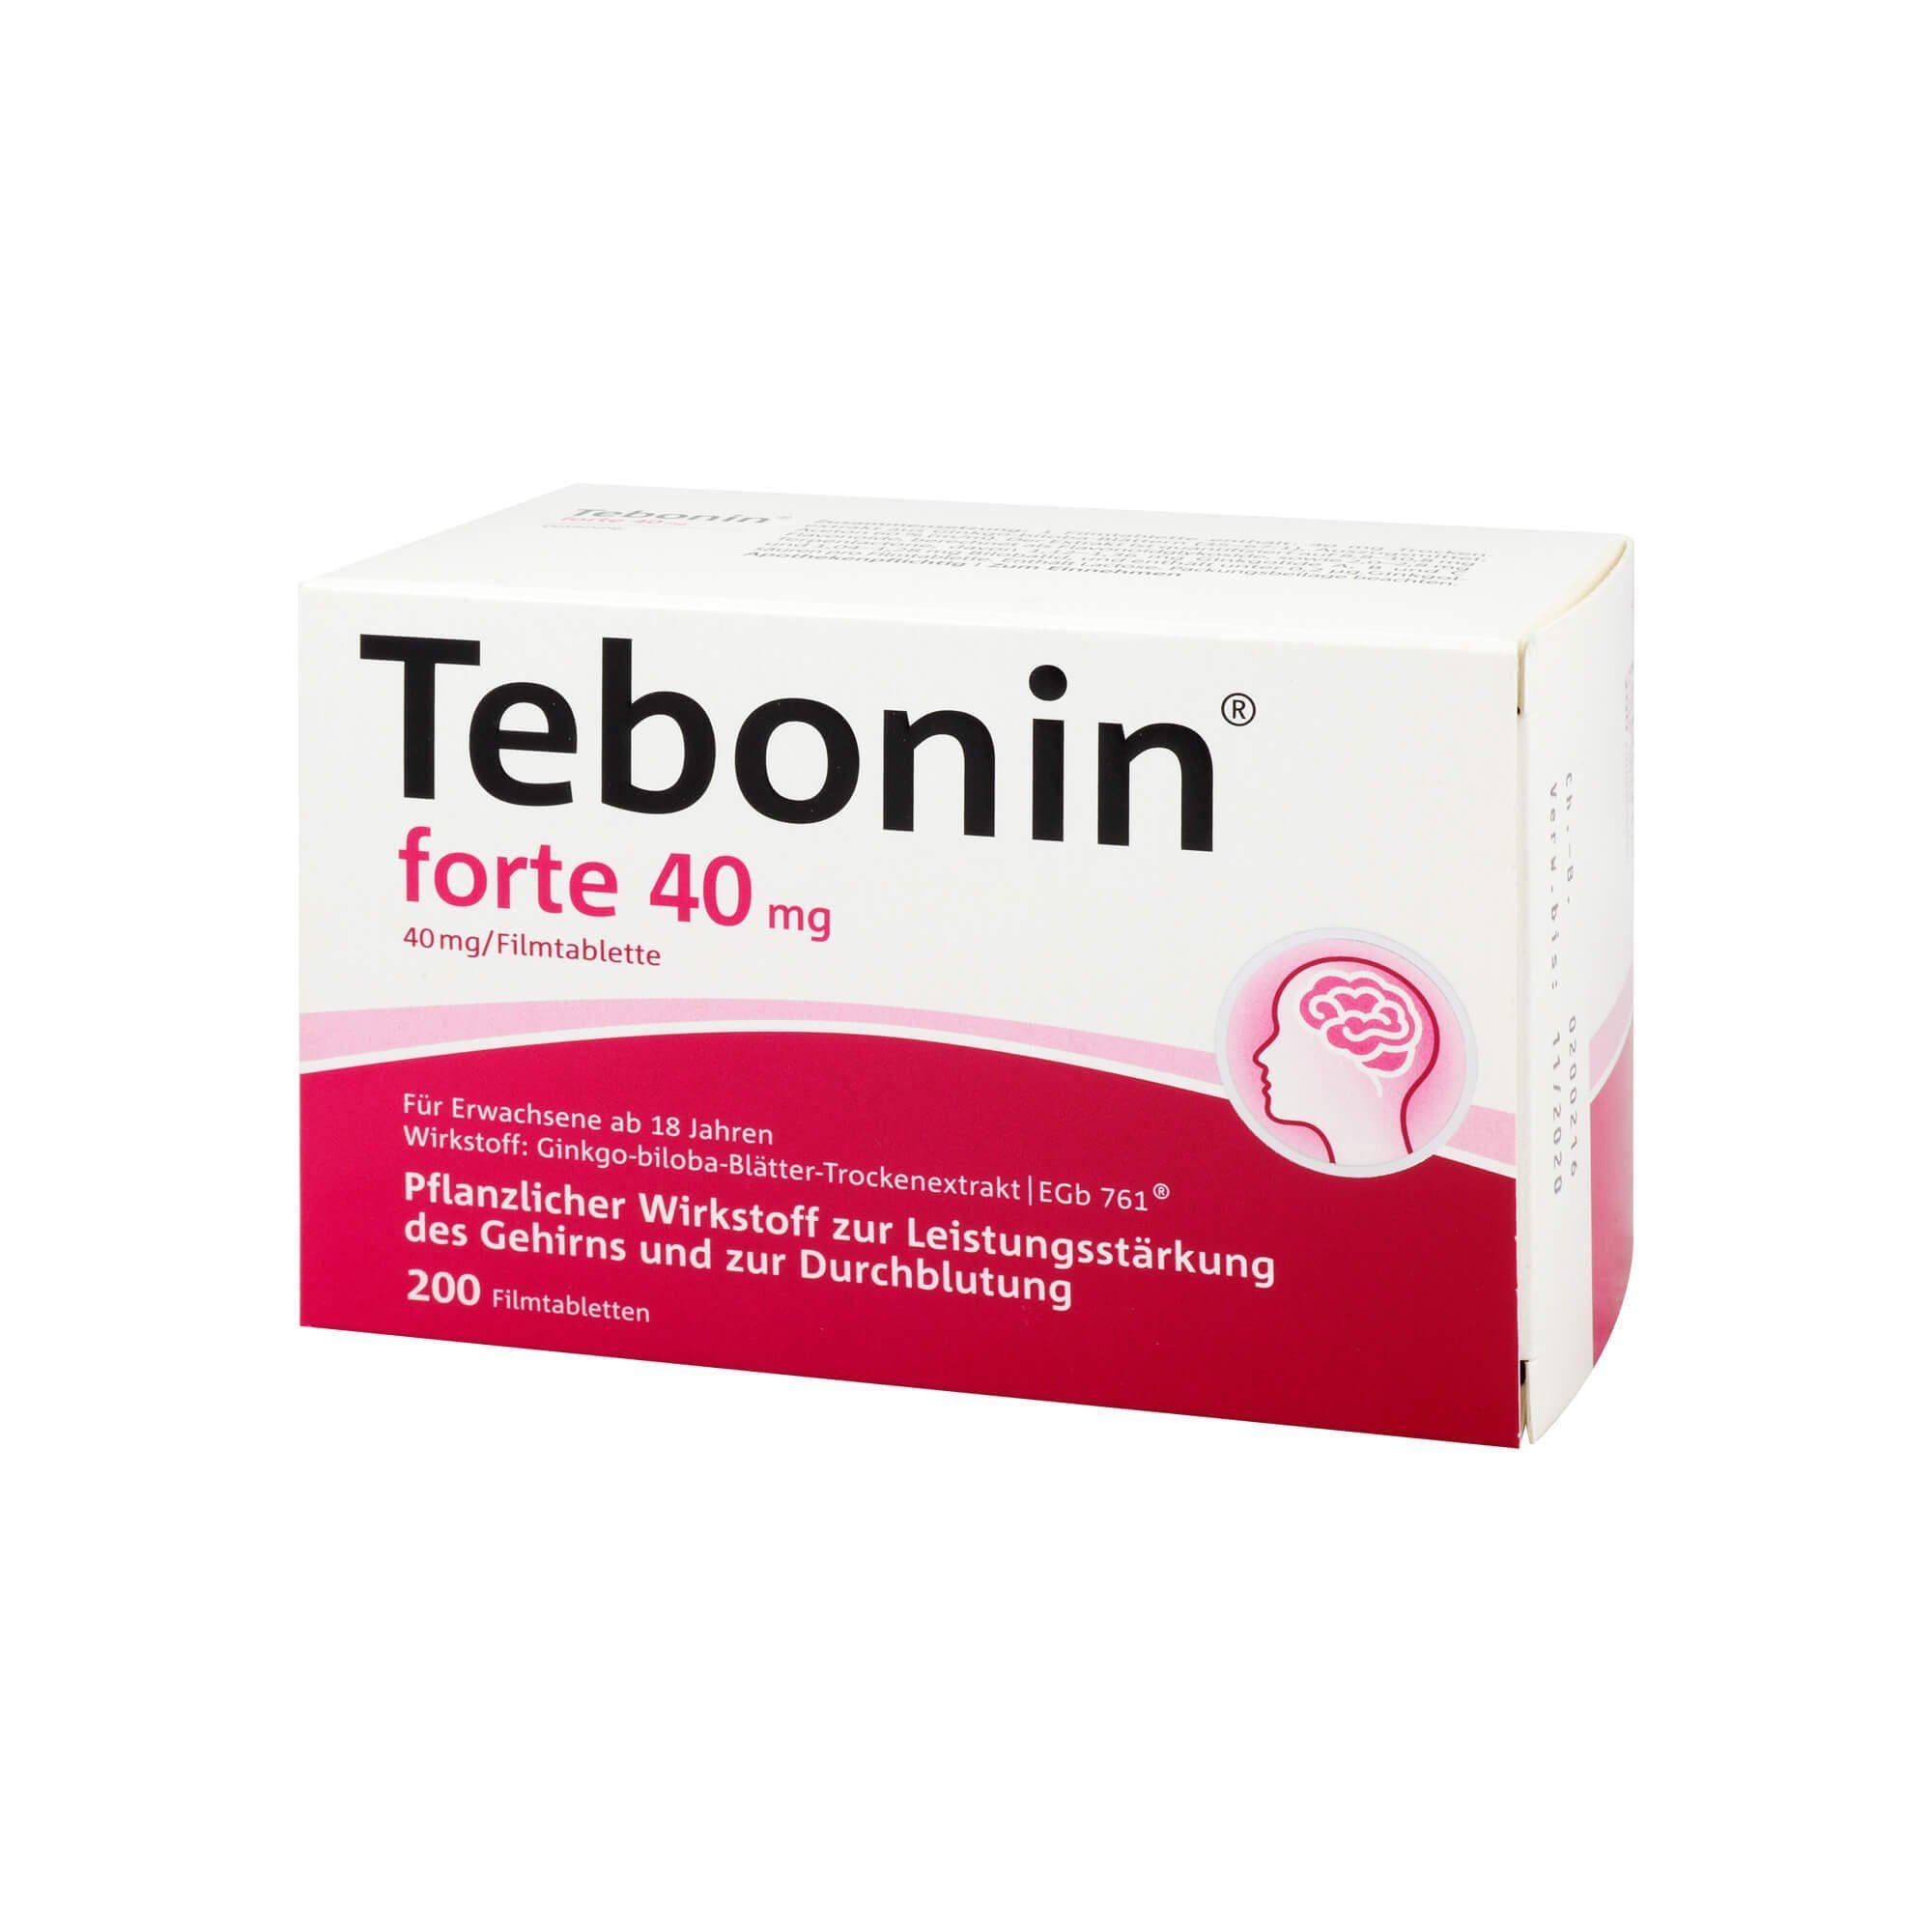 Tebonin forte 40 mg, 200 St